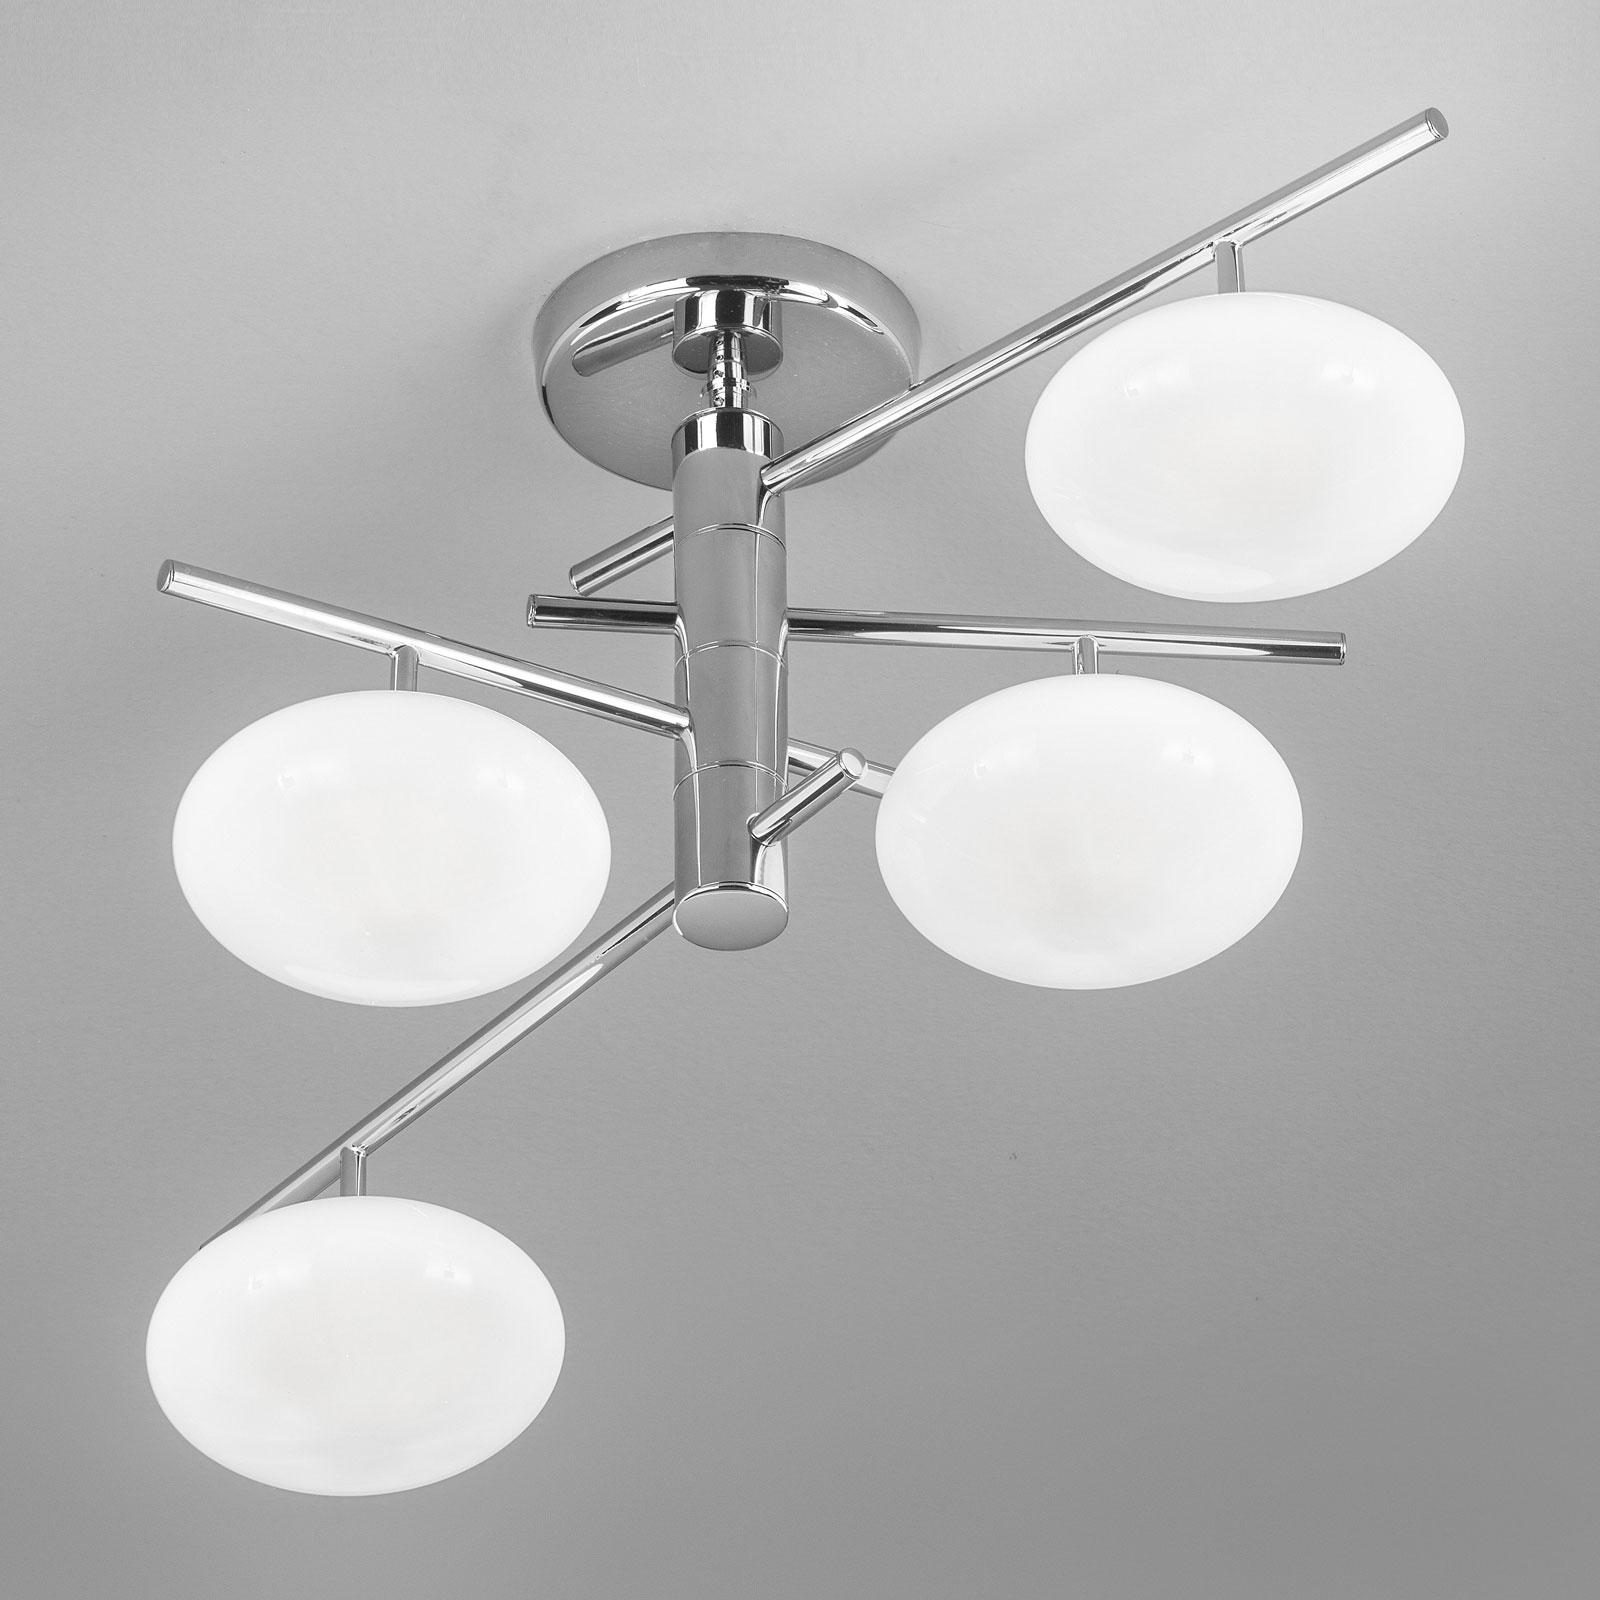 Kattovalaisin Dolce 4-lamppuinen kromi/valkoinen